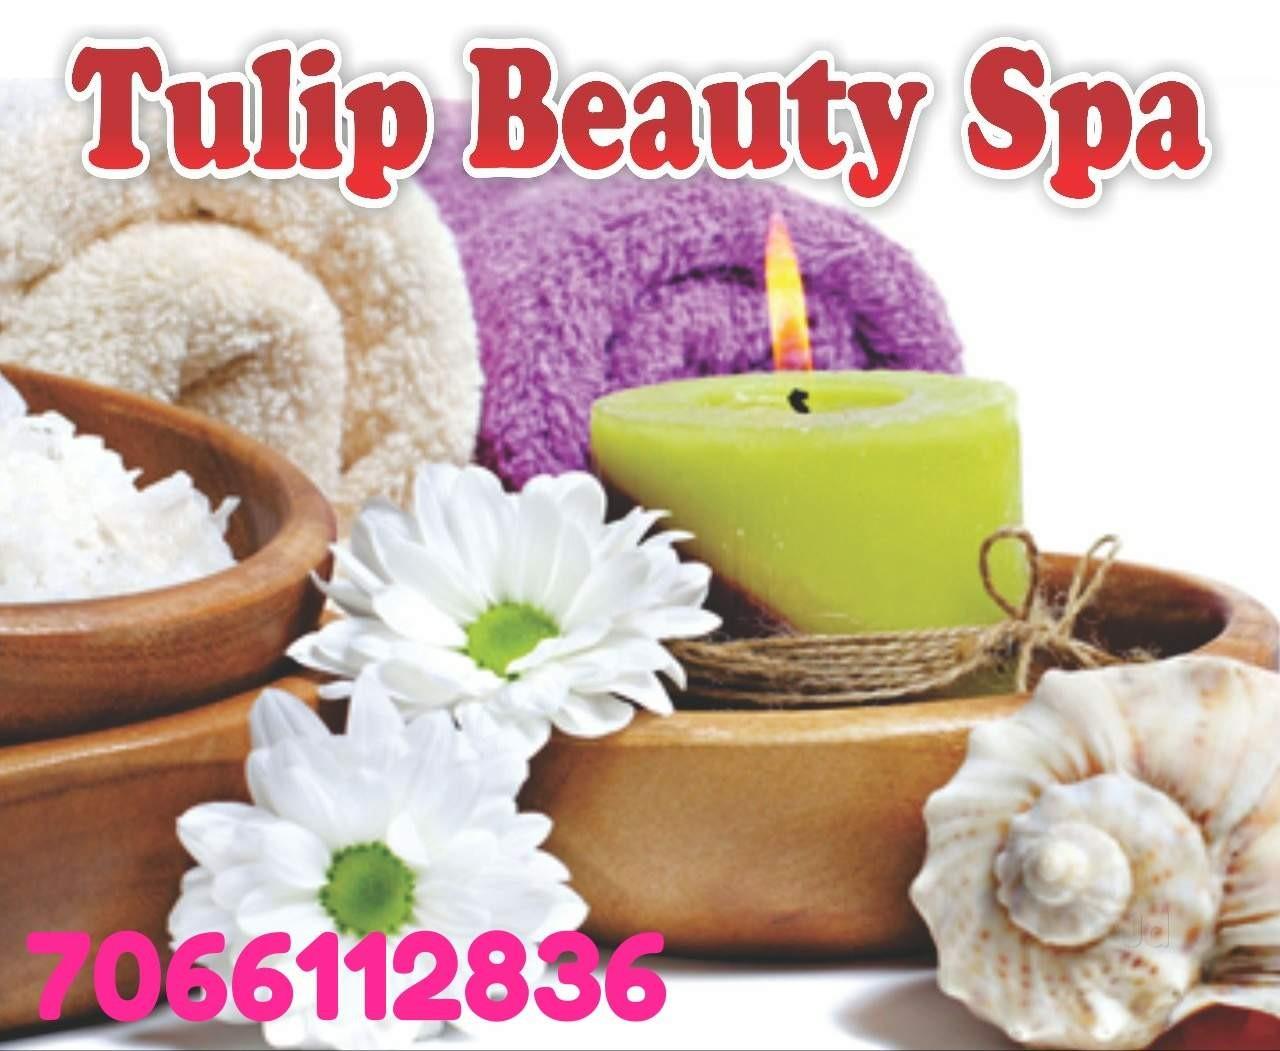 Tulip Beauty Spa